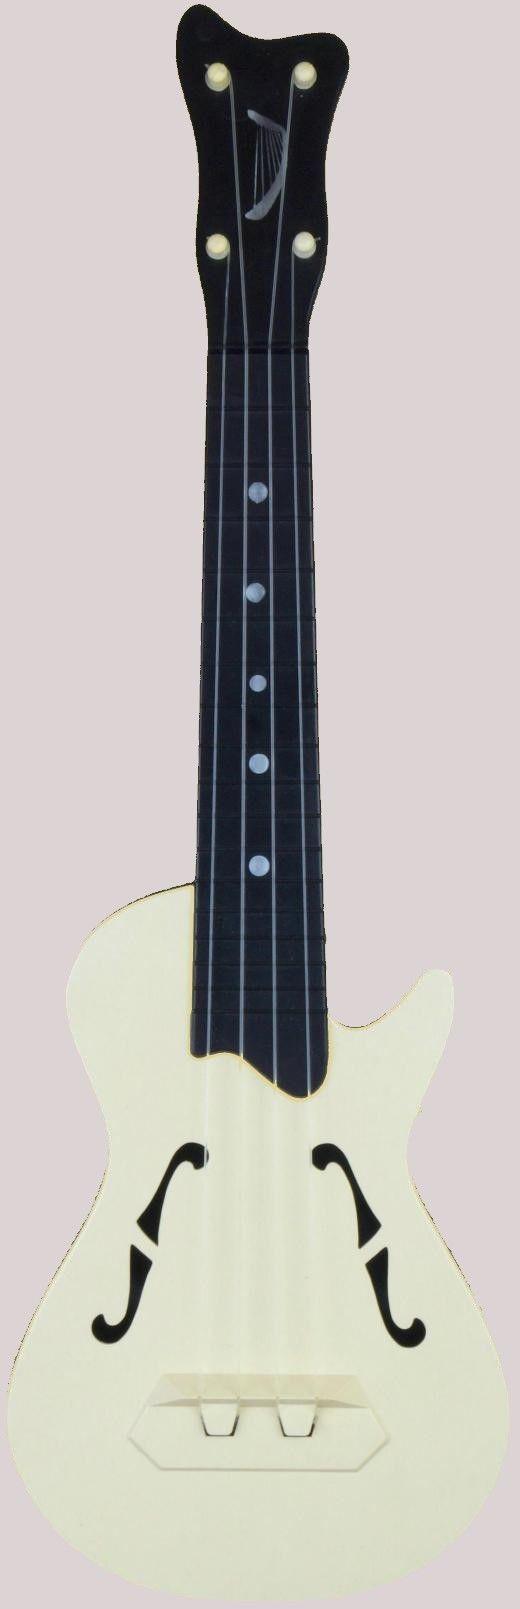 carnival combo guitar soprano Ukulele